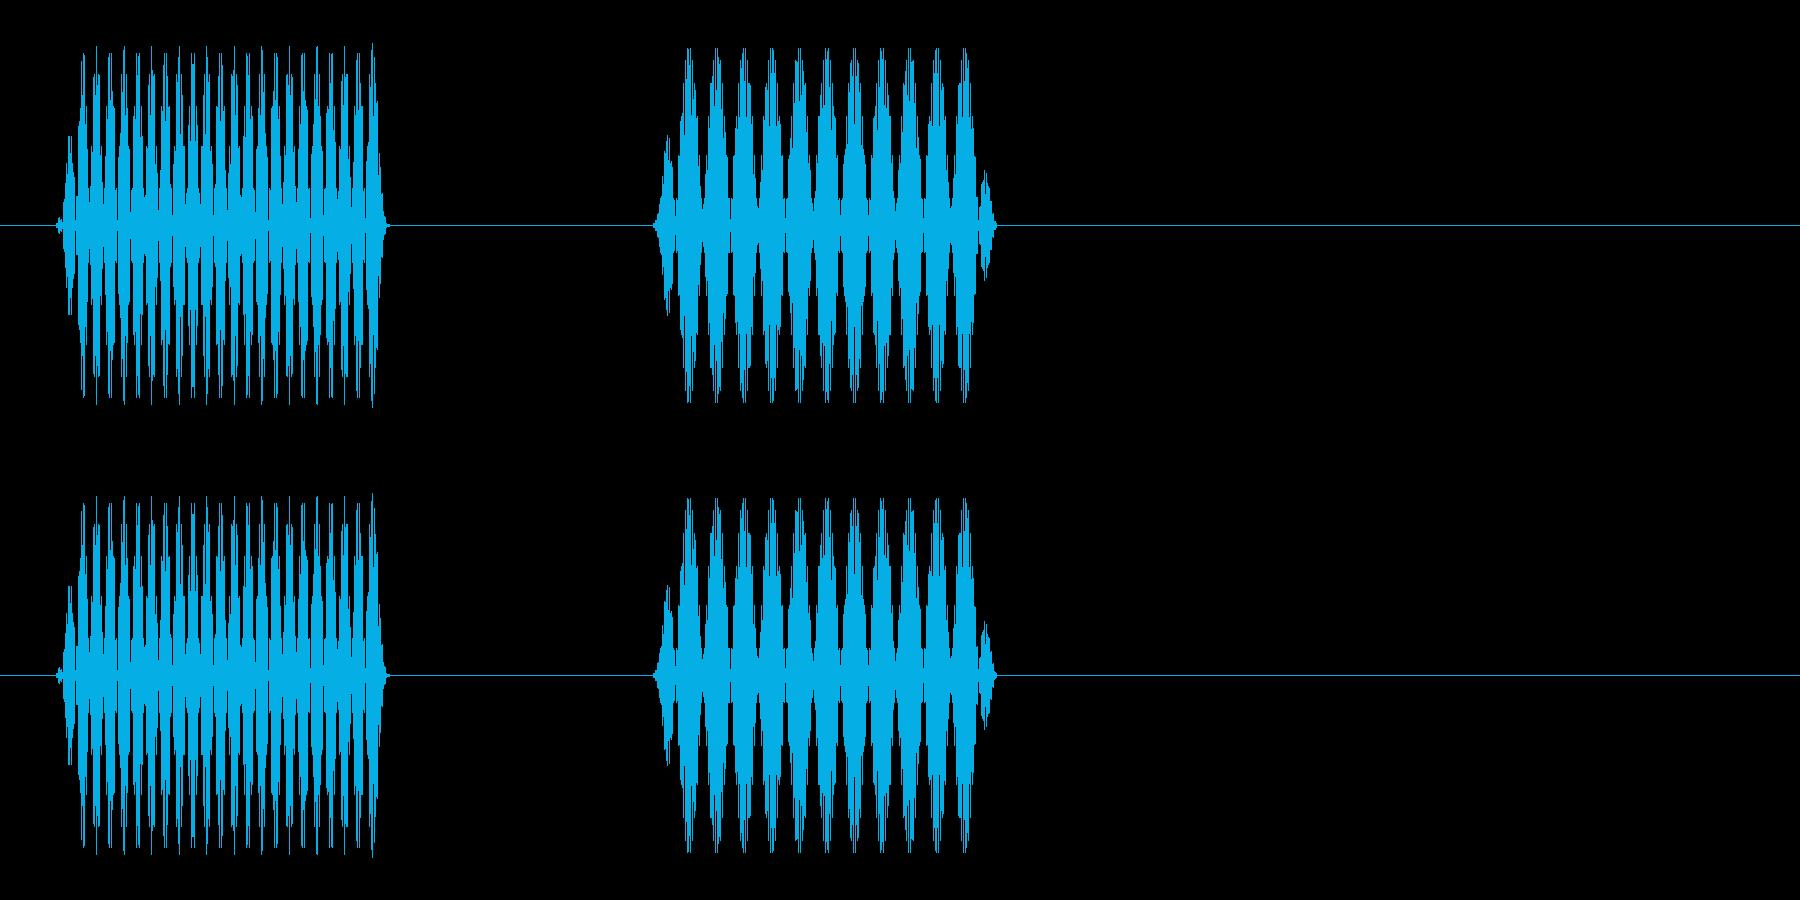 ポピッ(電子音)シンプル2の再生済みの波形